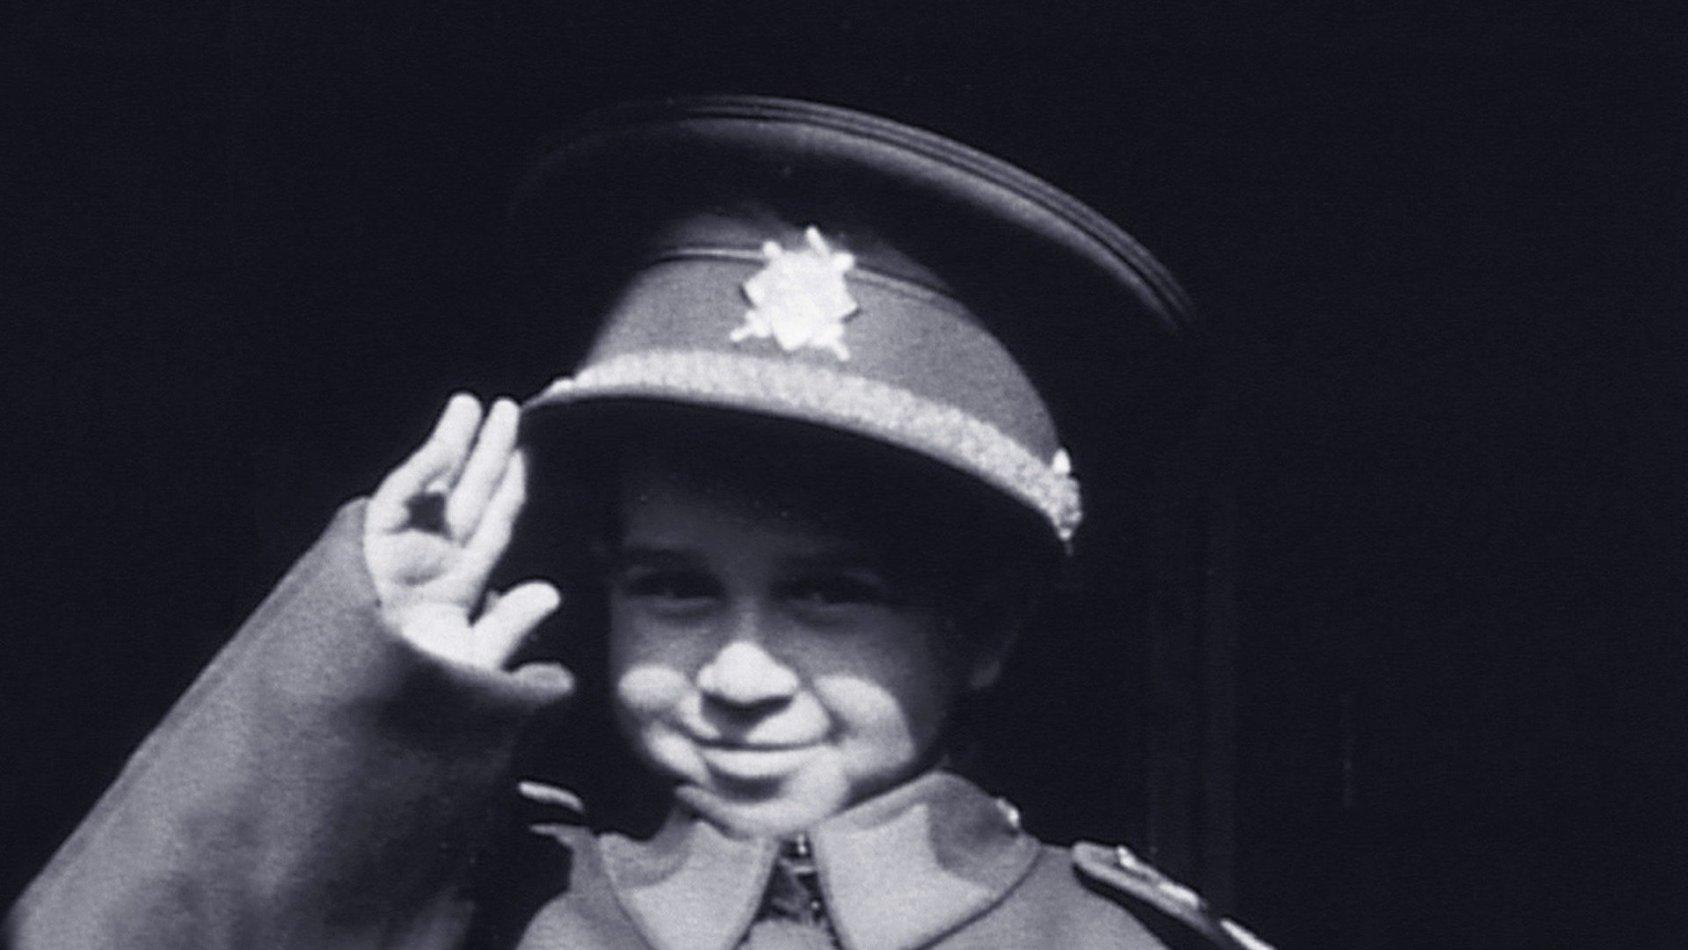 Försvunna filmer från nazityskland